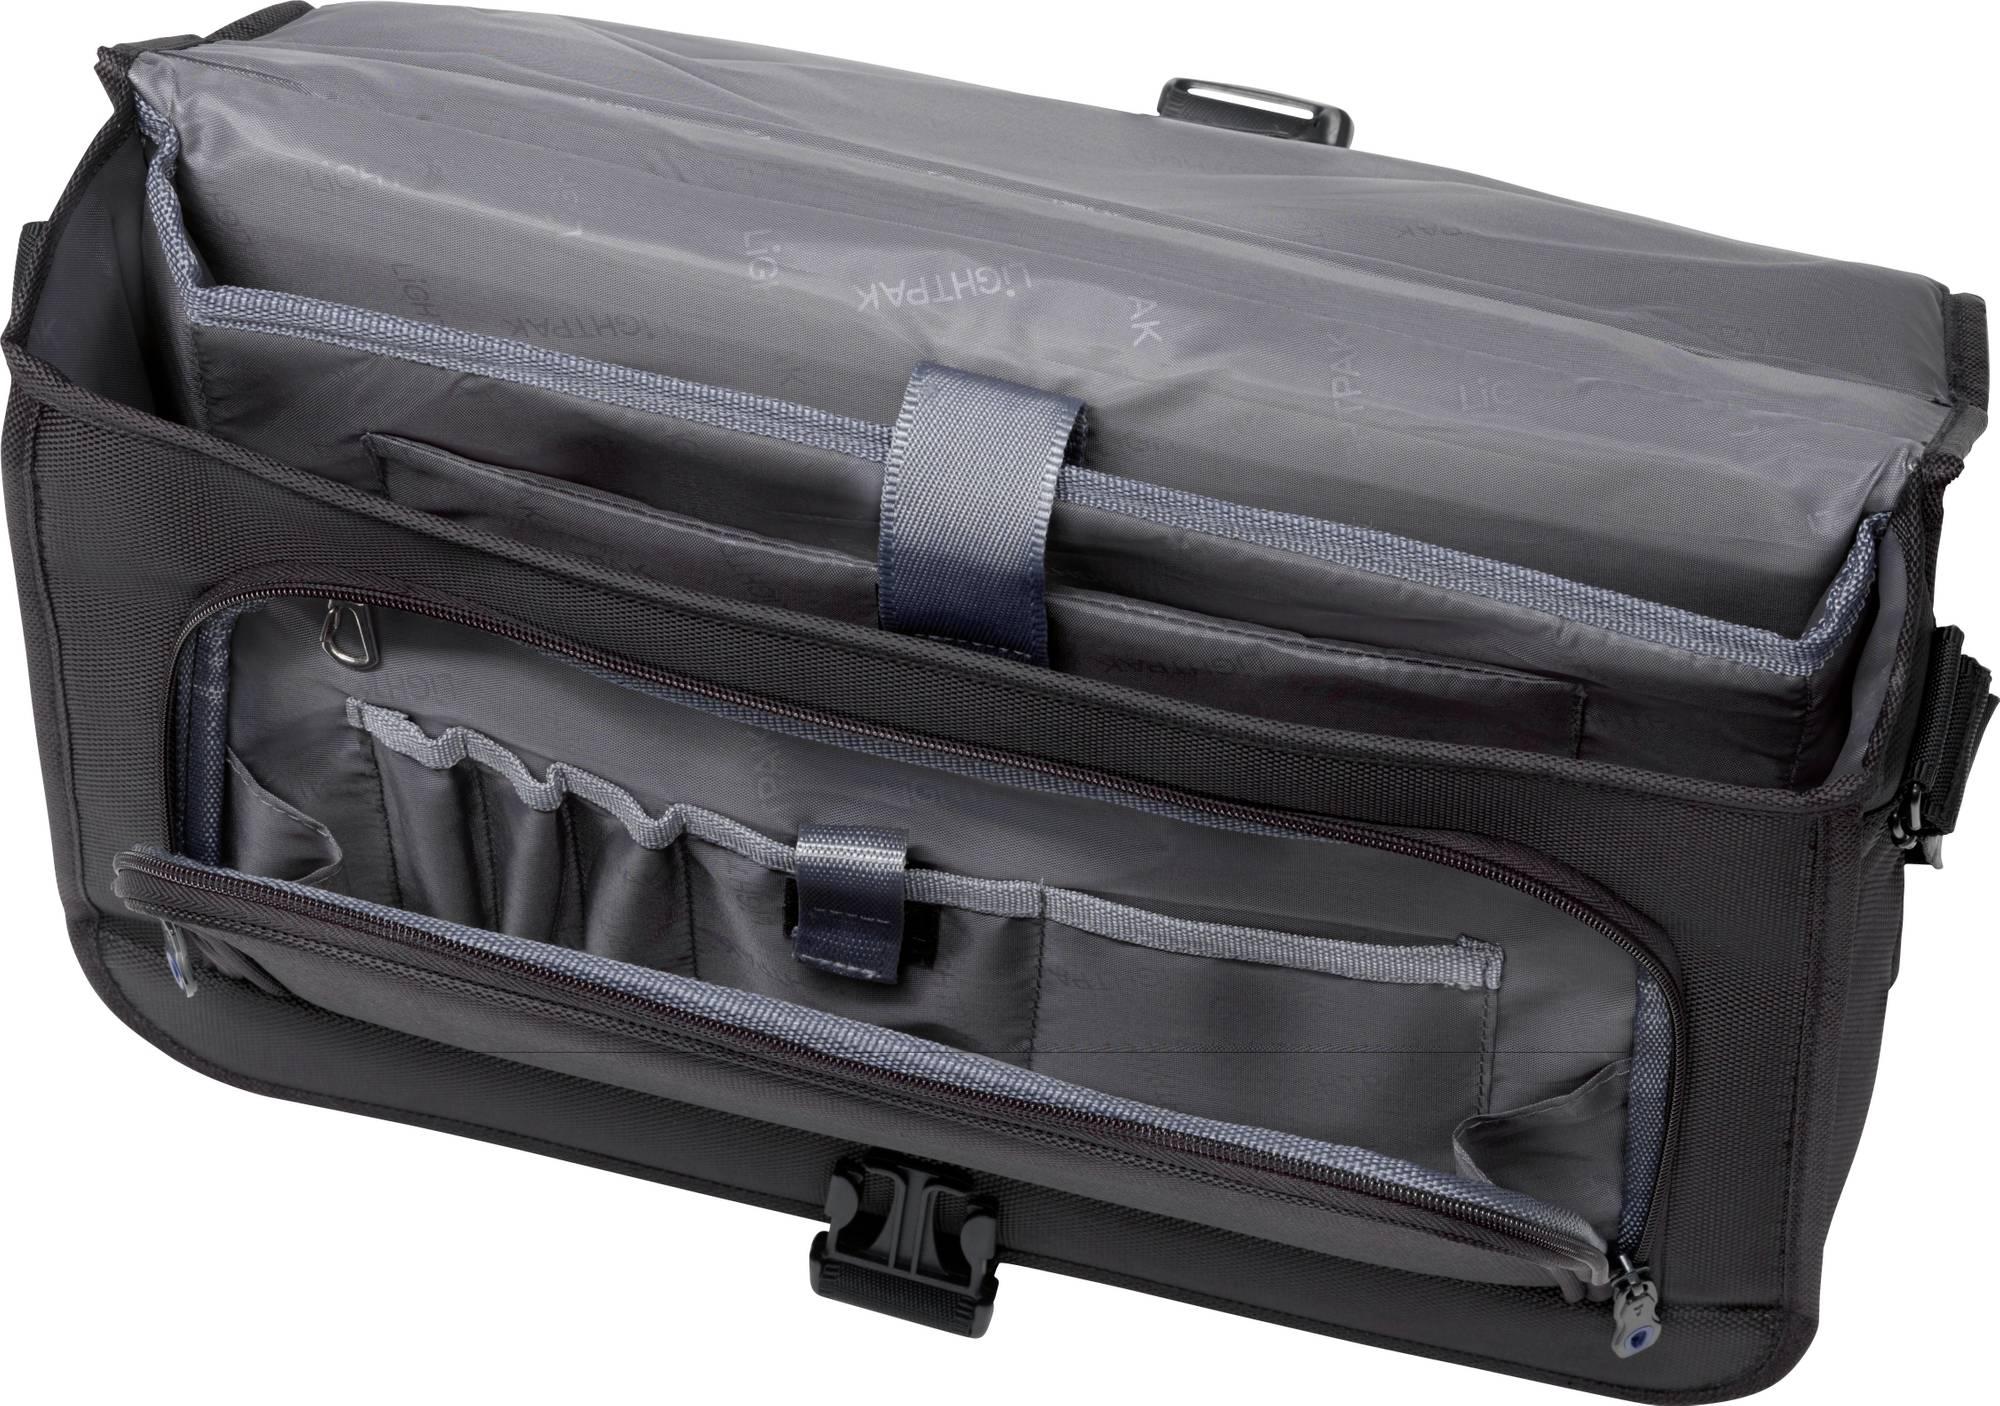 Fachaufteilung Lightpak Tasche Solar in der Farbe schwarz mit Reißverschlussfach auf der Vorderseite